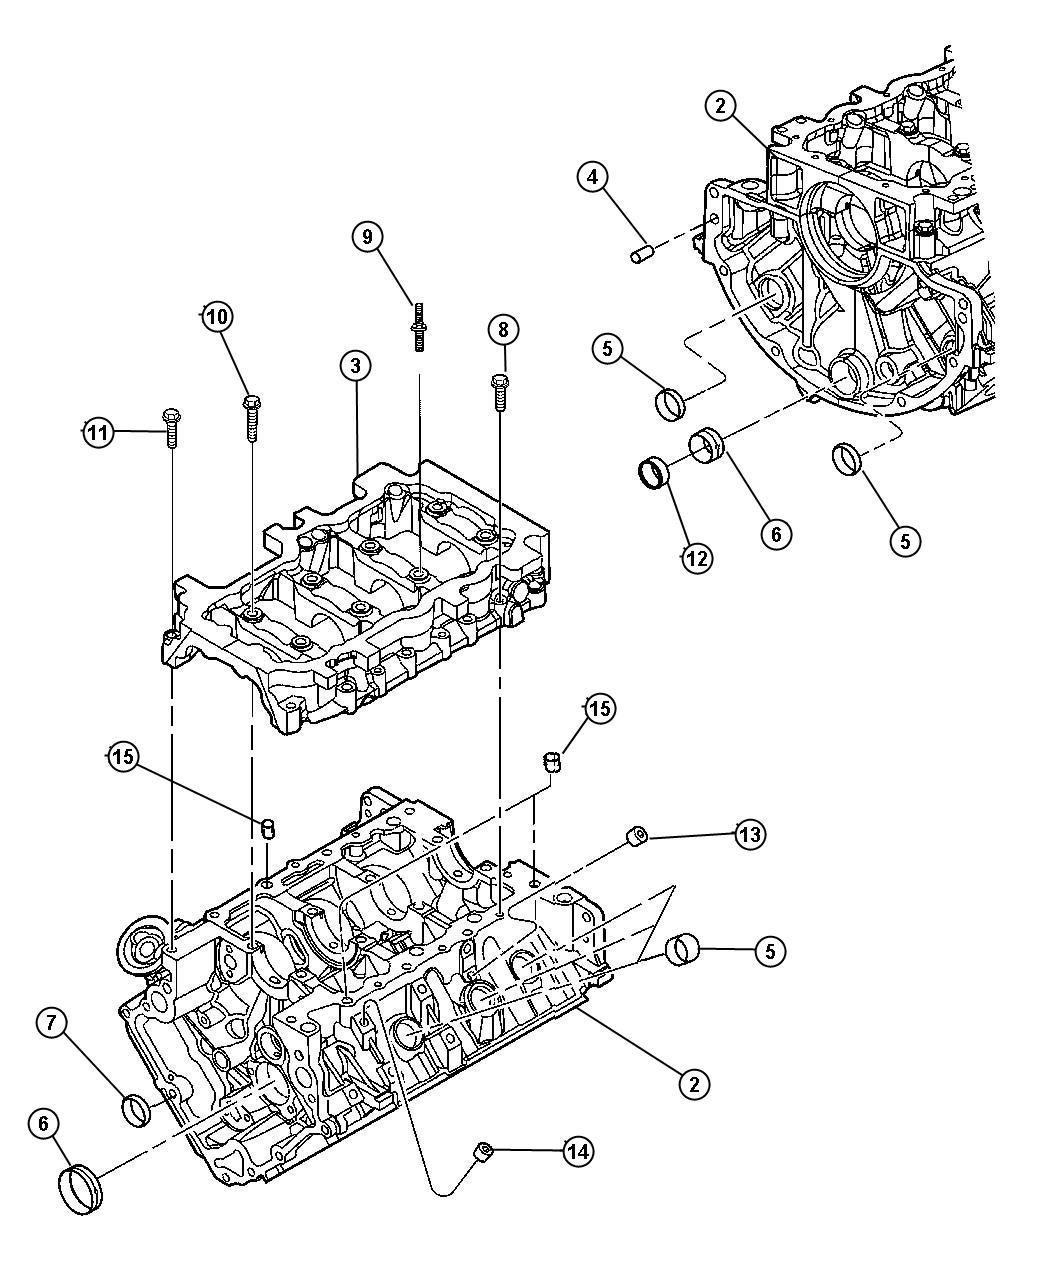 2004 dodge durango engine  long block  ngc  controller